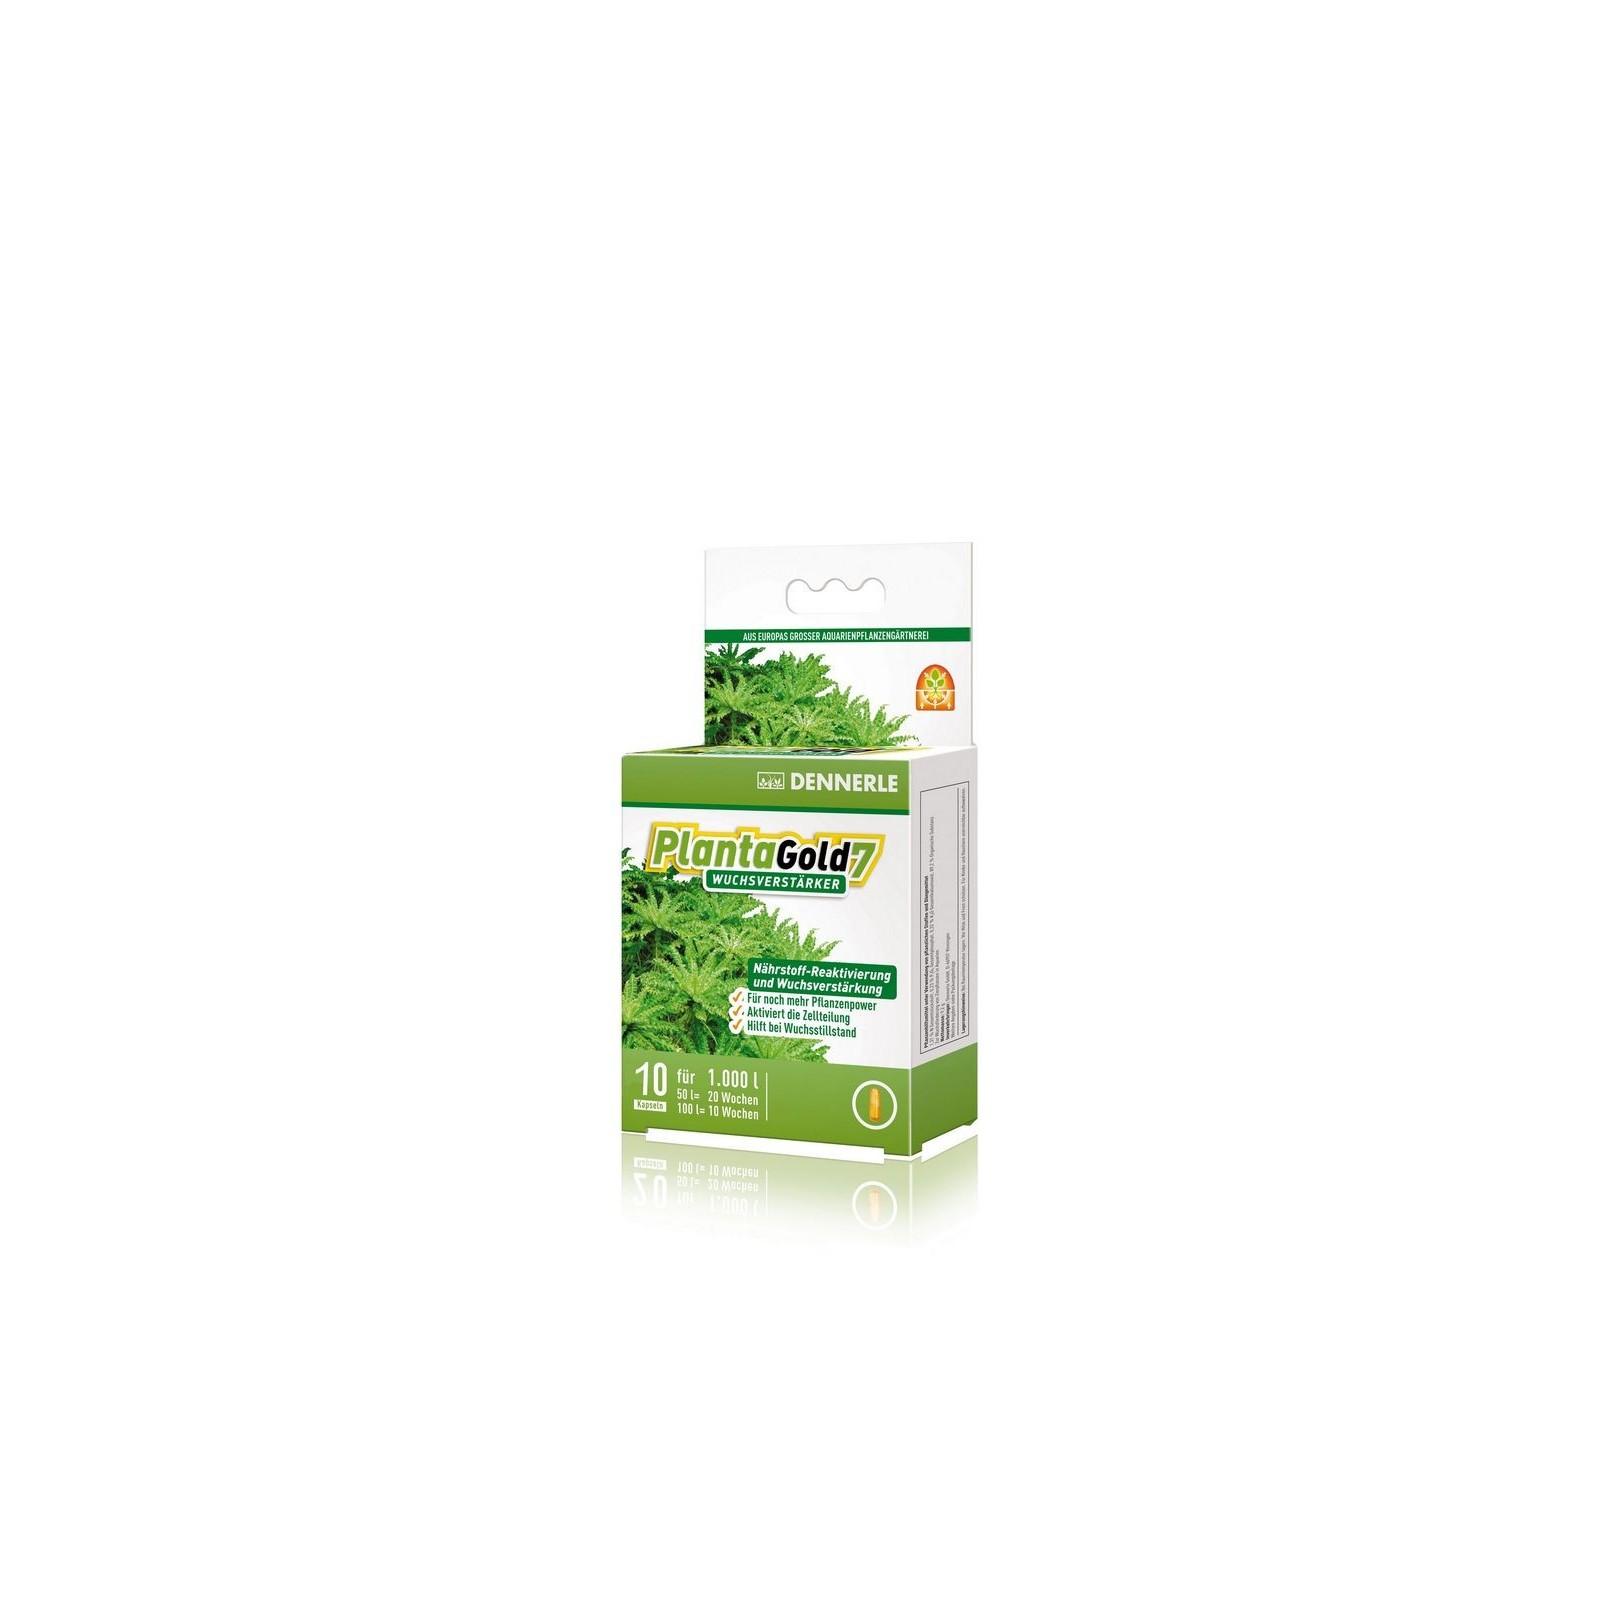 Dennerle 4552 Planta Gold7 stimola la crescita delle piante in acquario 10 compresse